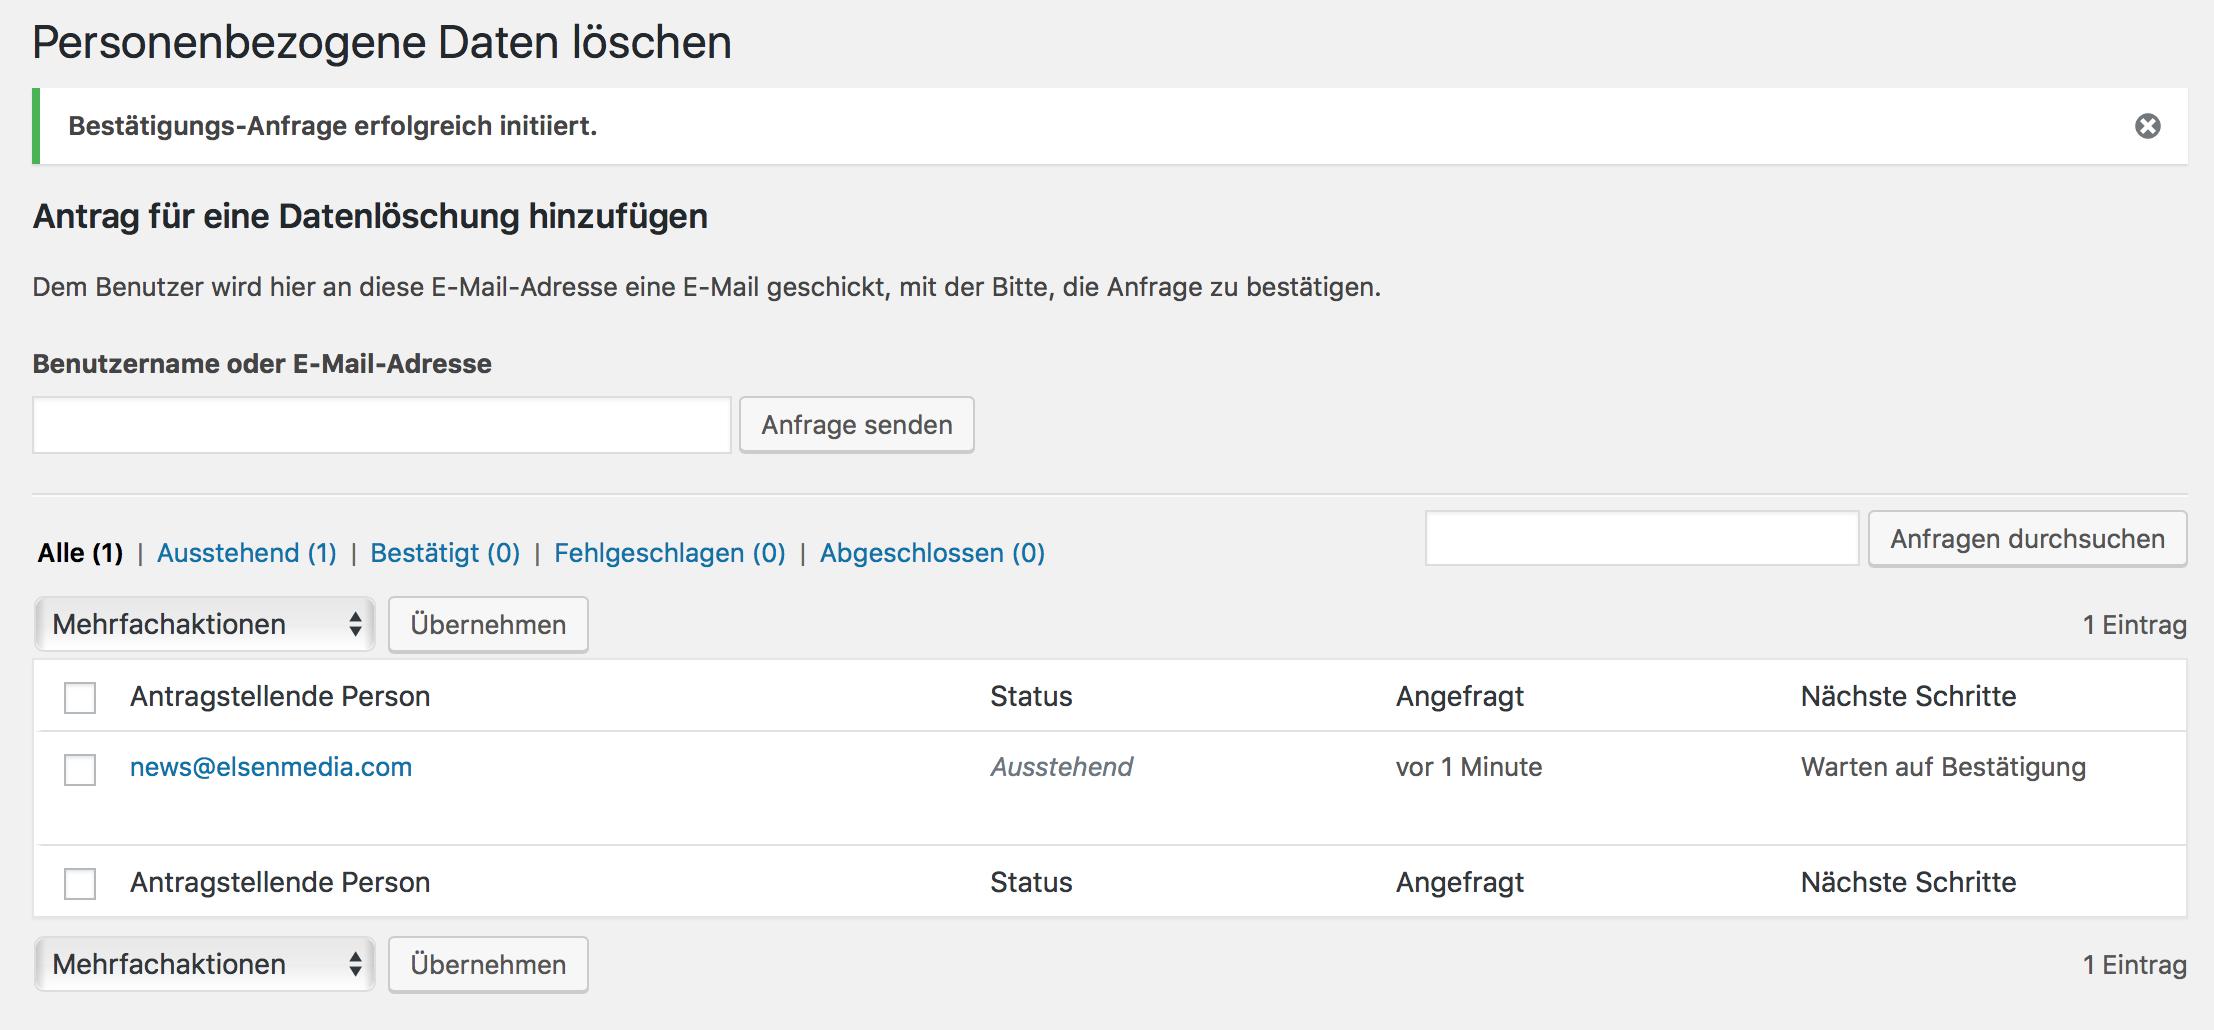 Personenbezogene Daten löschen durch WordPress DSGVO Update 4.9.6